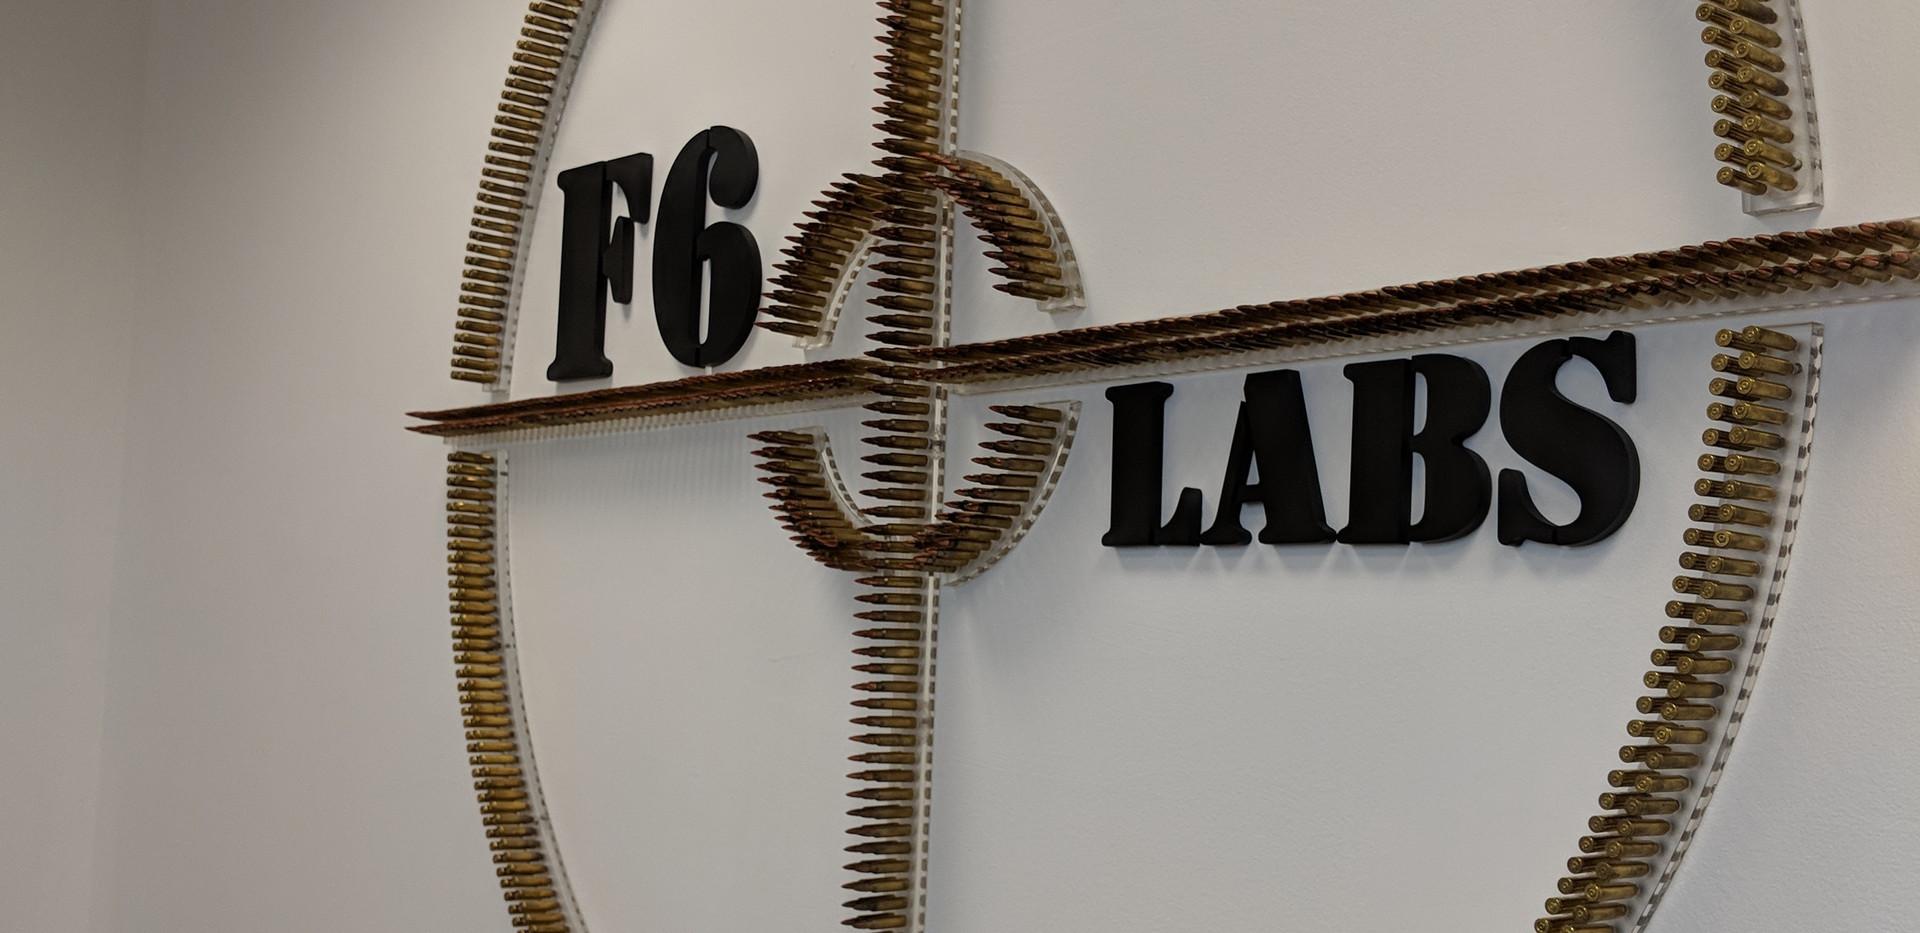 F6 Labs